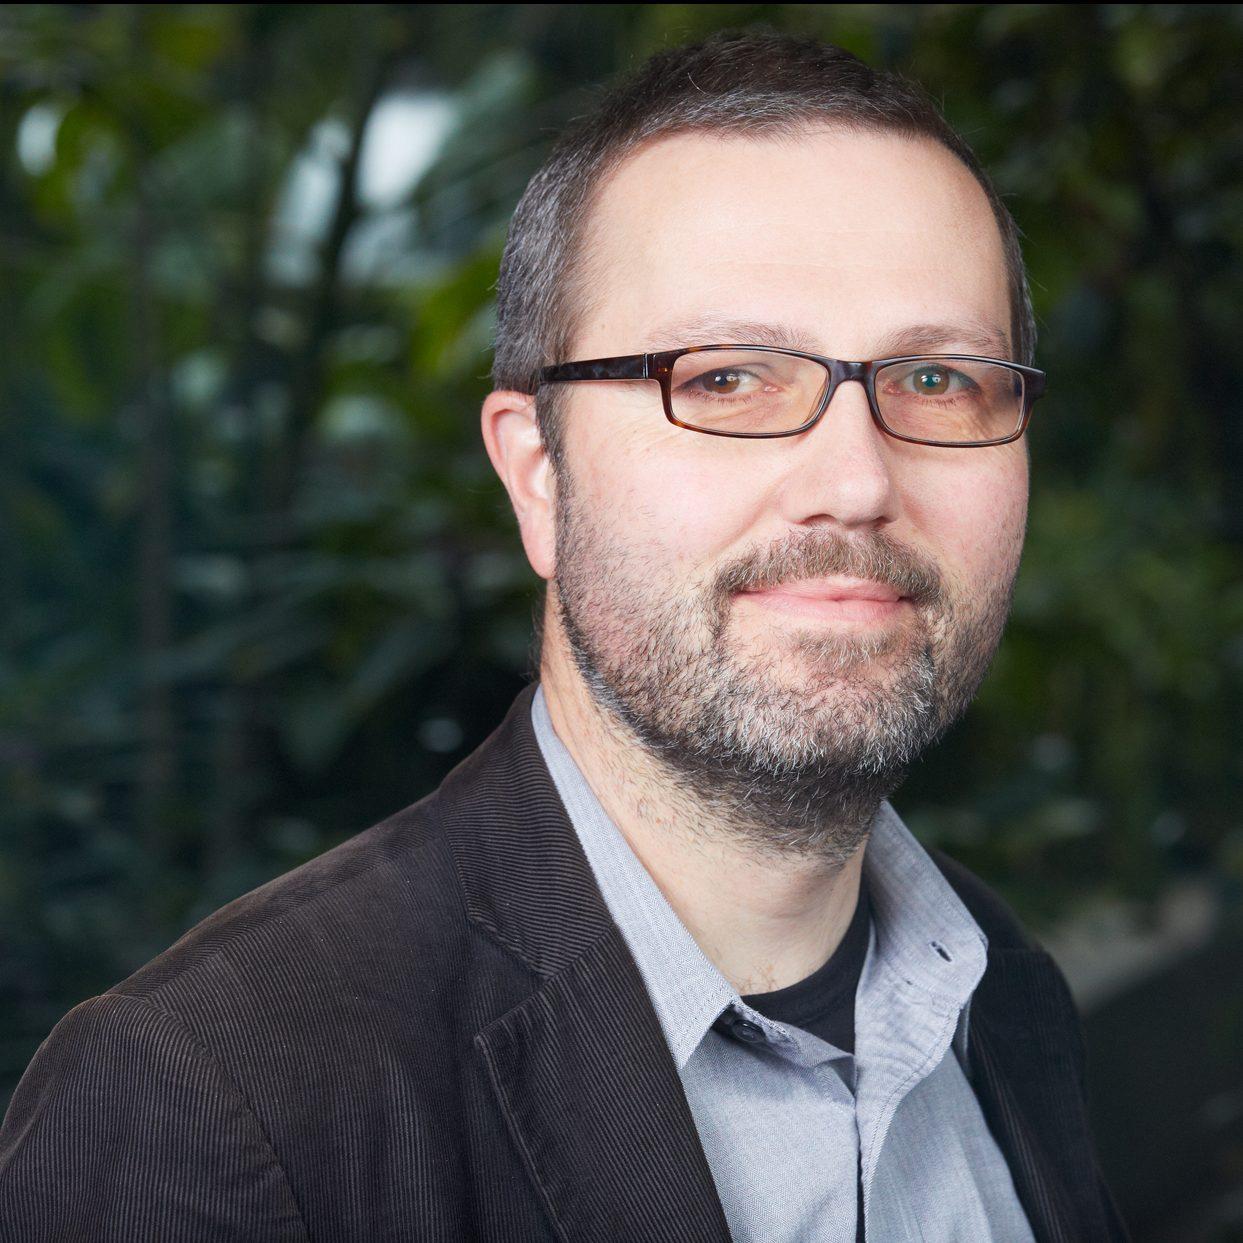 Simon Zysset